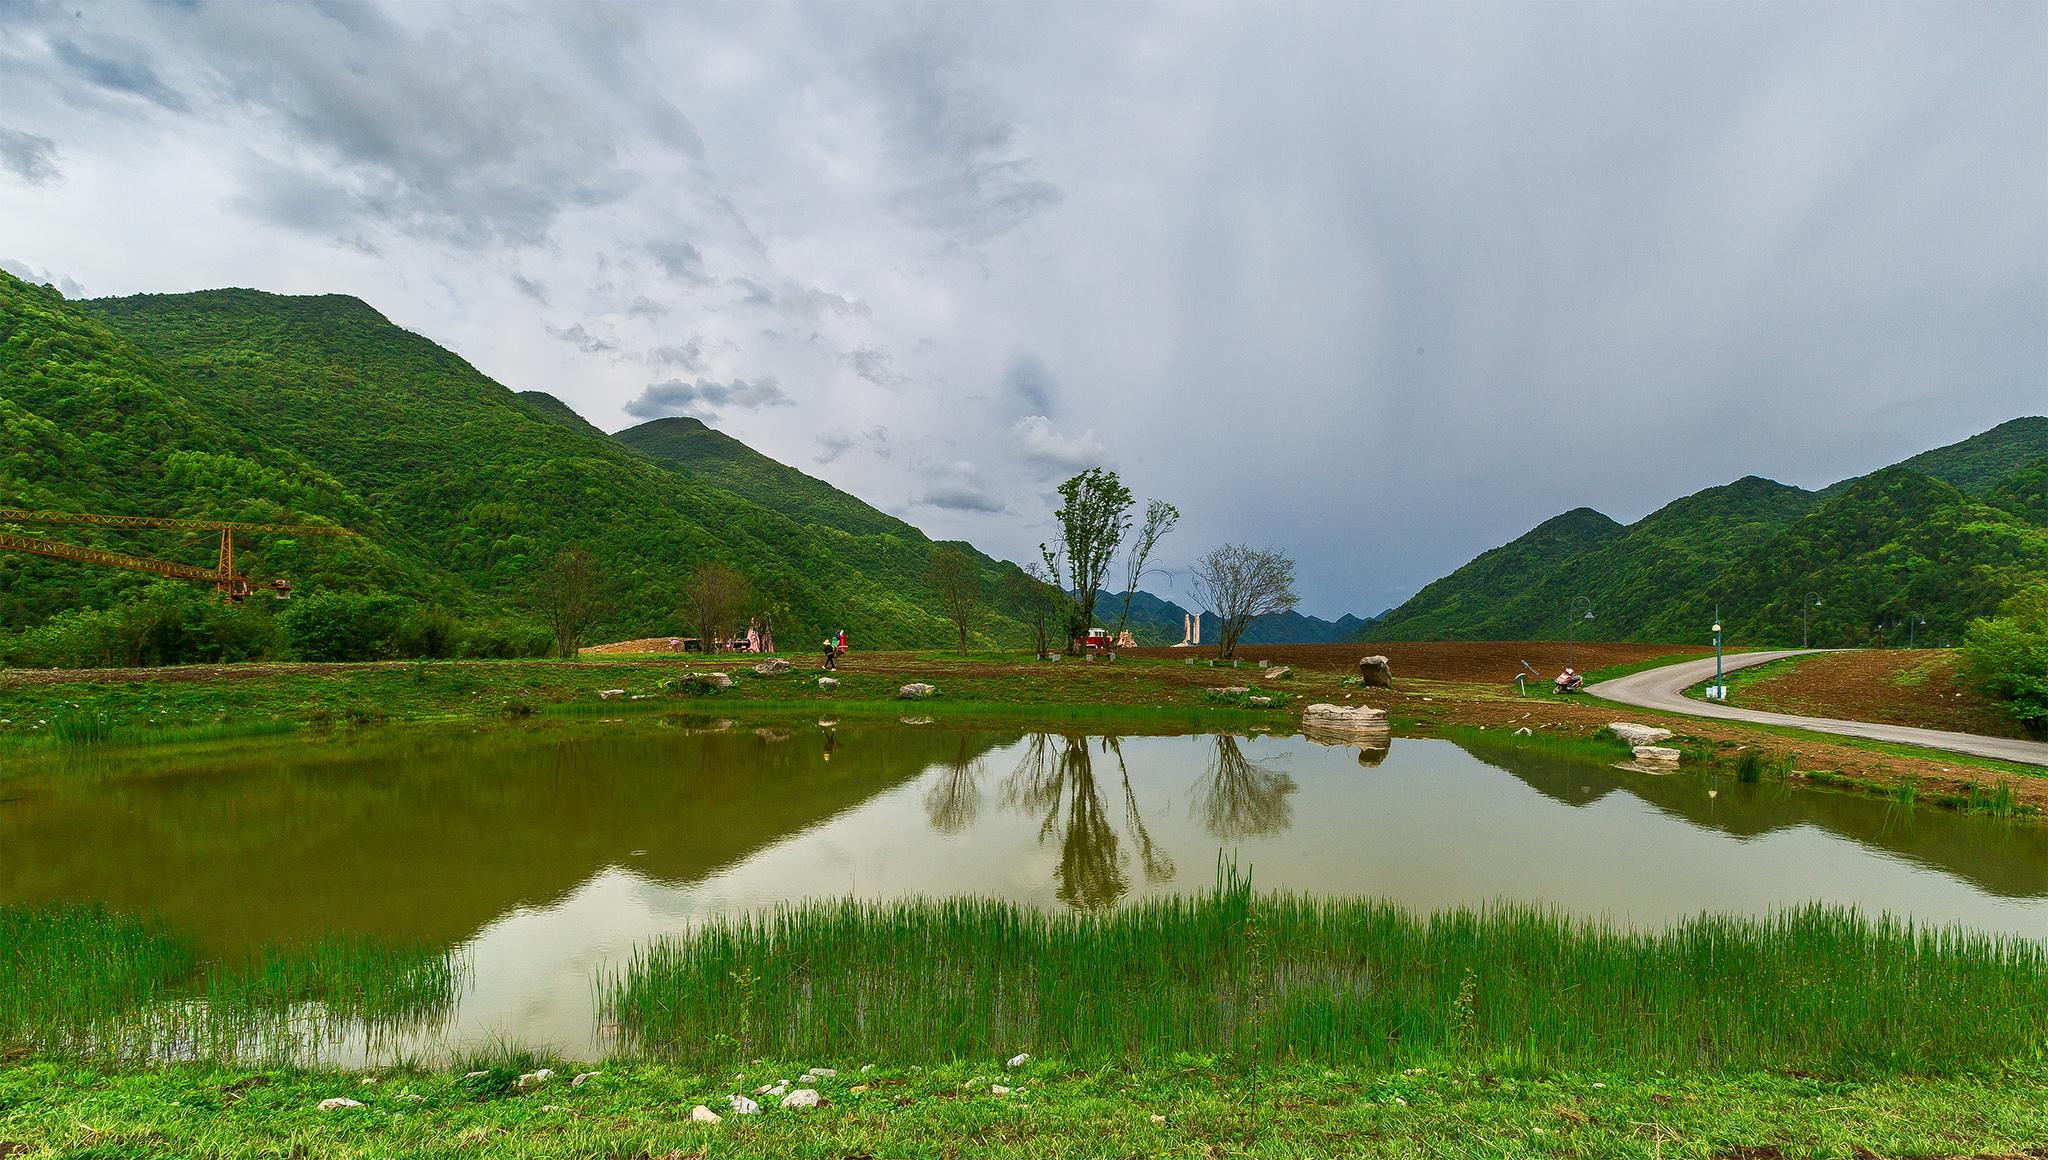 池内七海资料_重庆红池坝 亦幻亦真的高原世界-途家社区